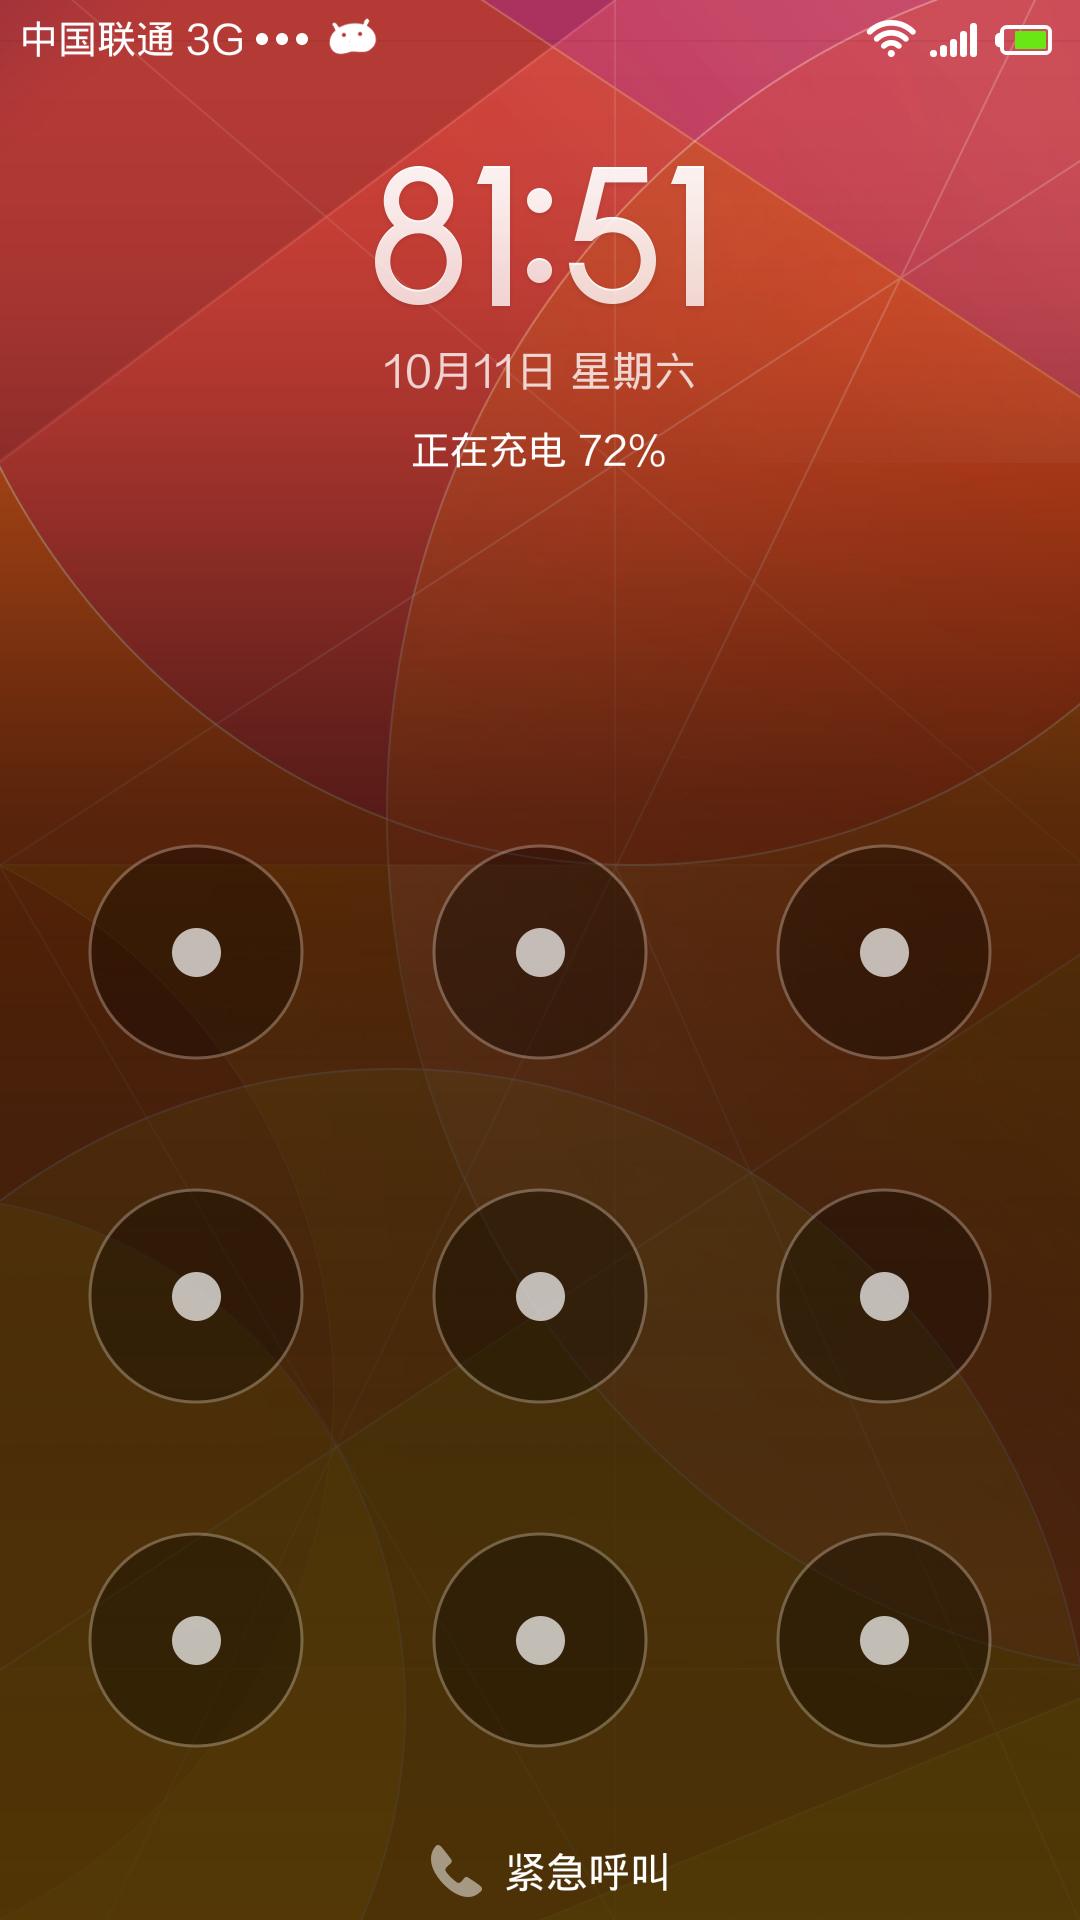 小米3手机锁屏界面时间错误图片